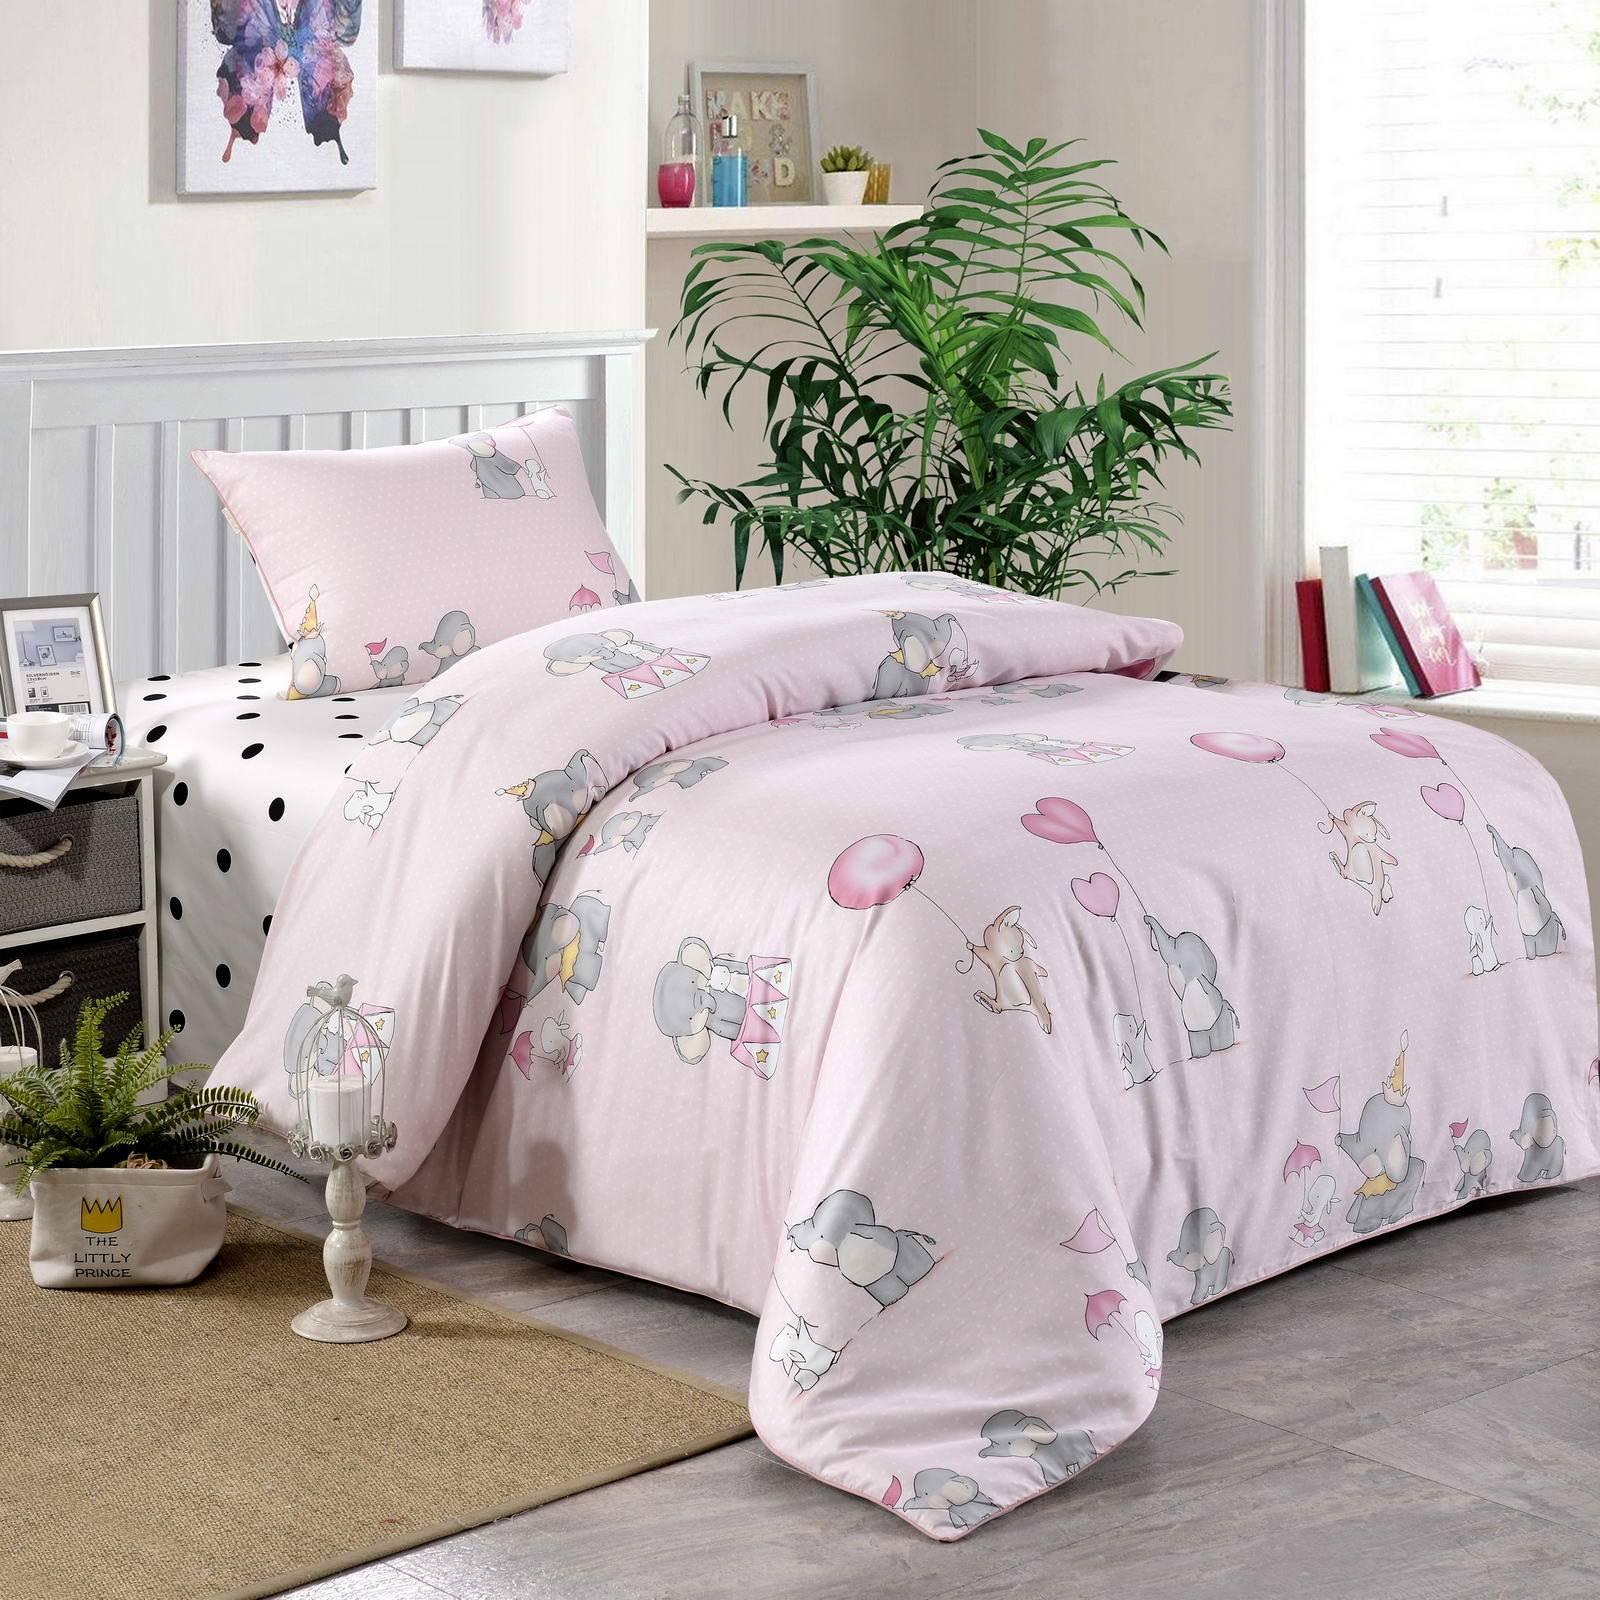 Купить Комплект постельного белья Элиот , детский, цвет: розовый, Sofi dе Marko,